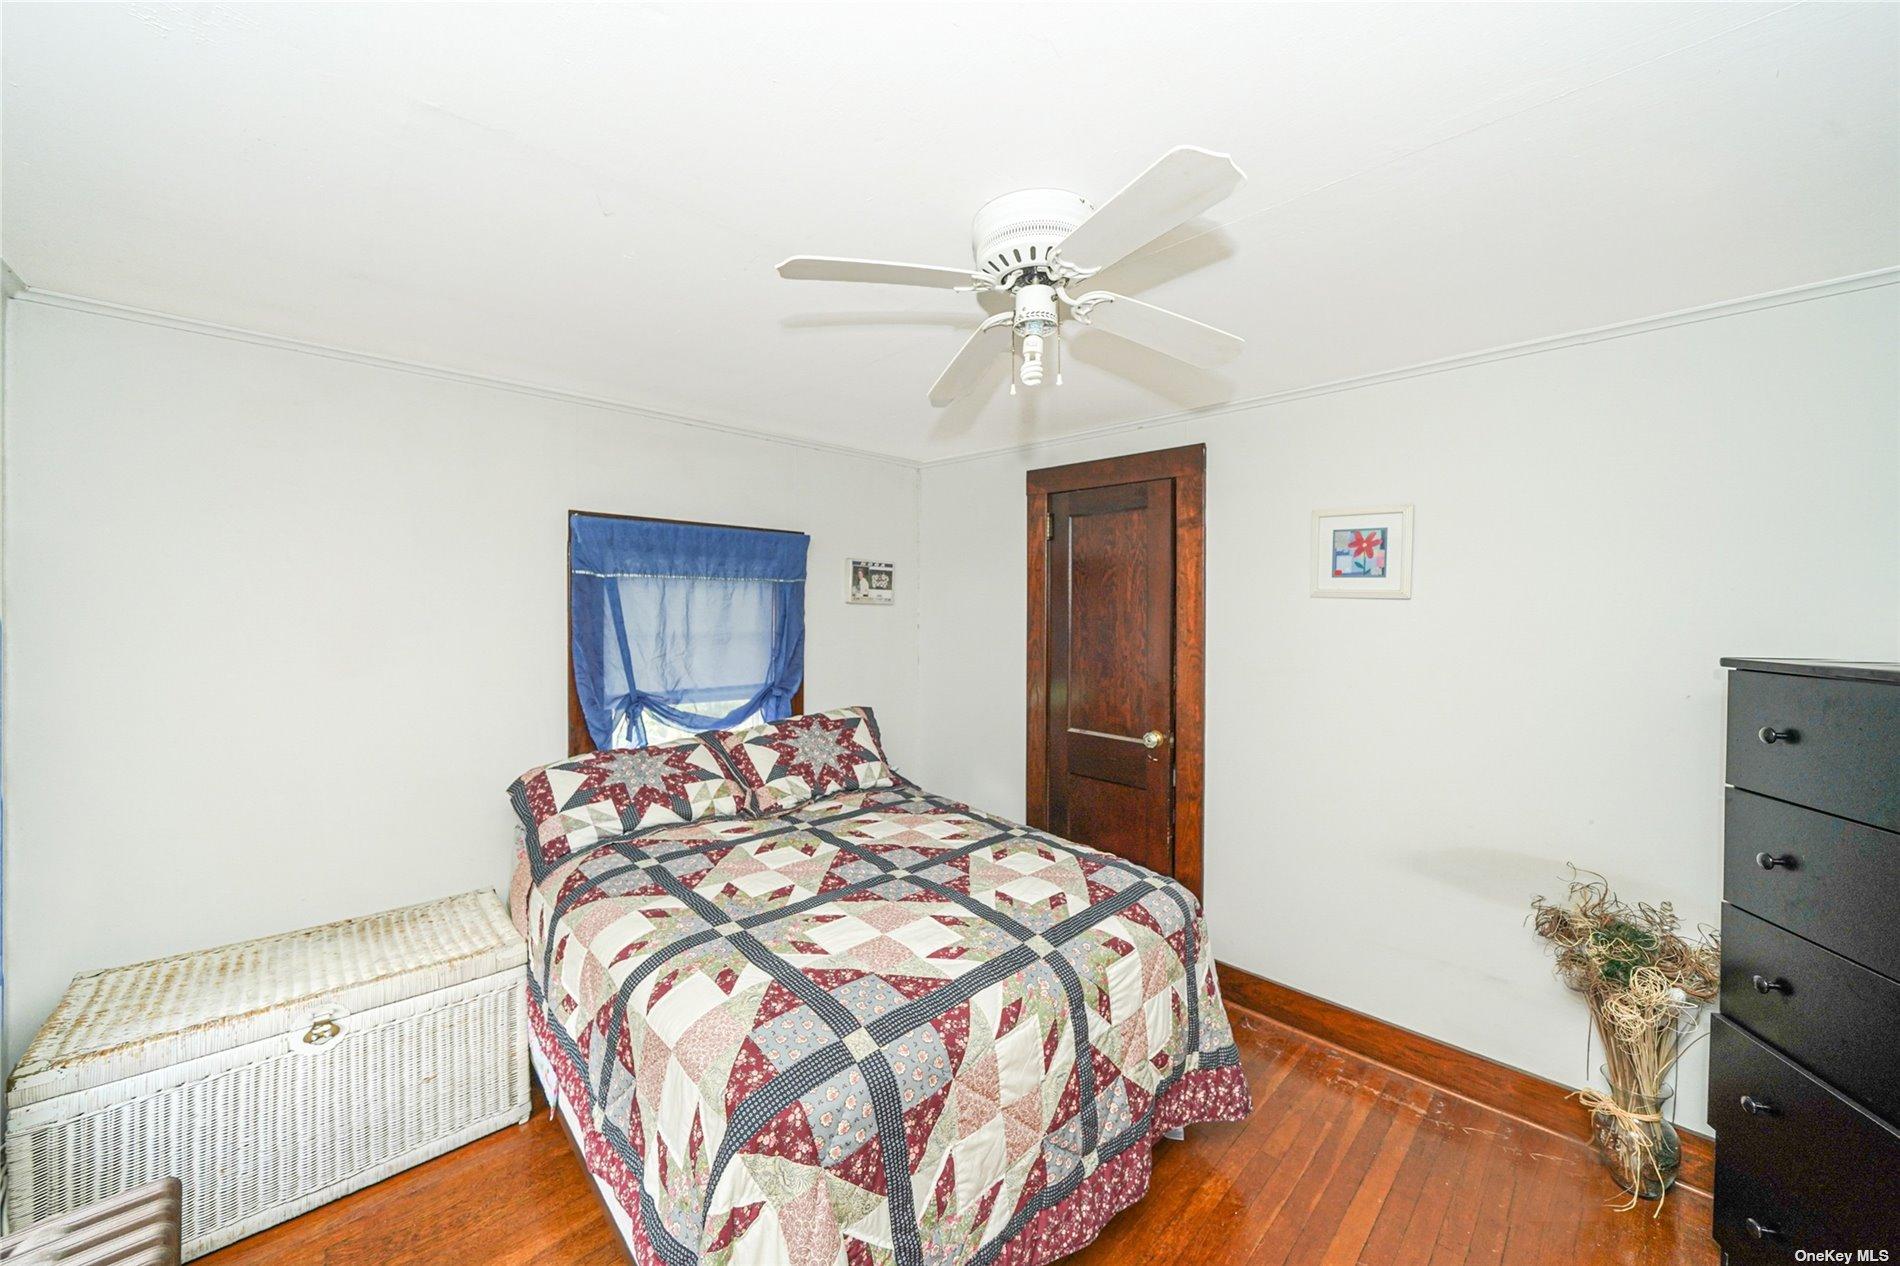 48720 Main Road, Southold, NY 11 Southold, NY 11971